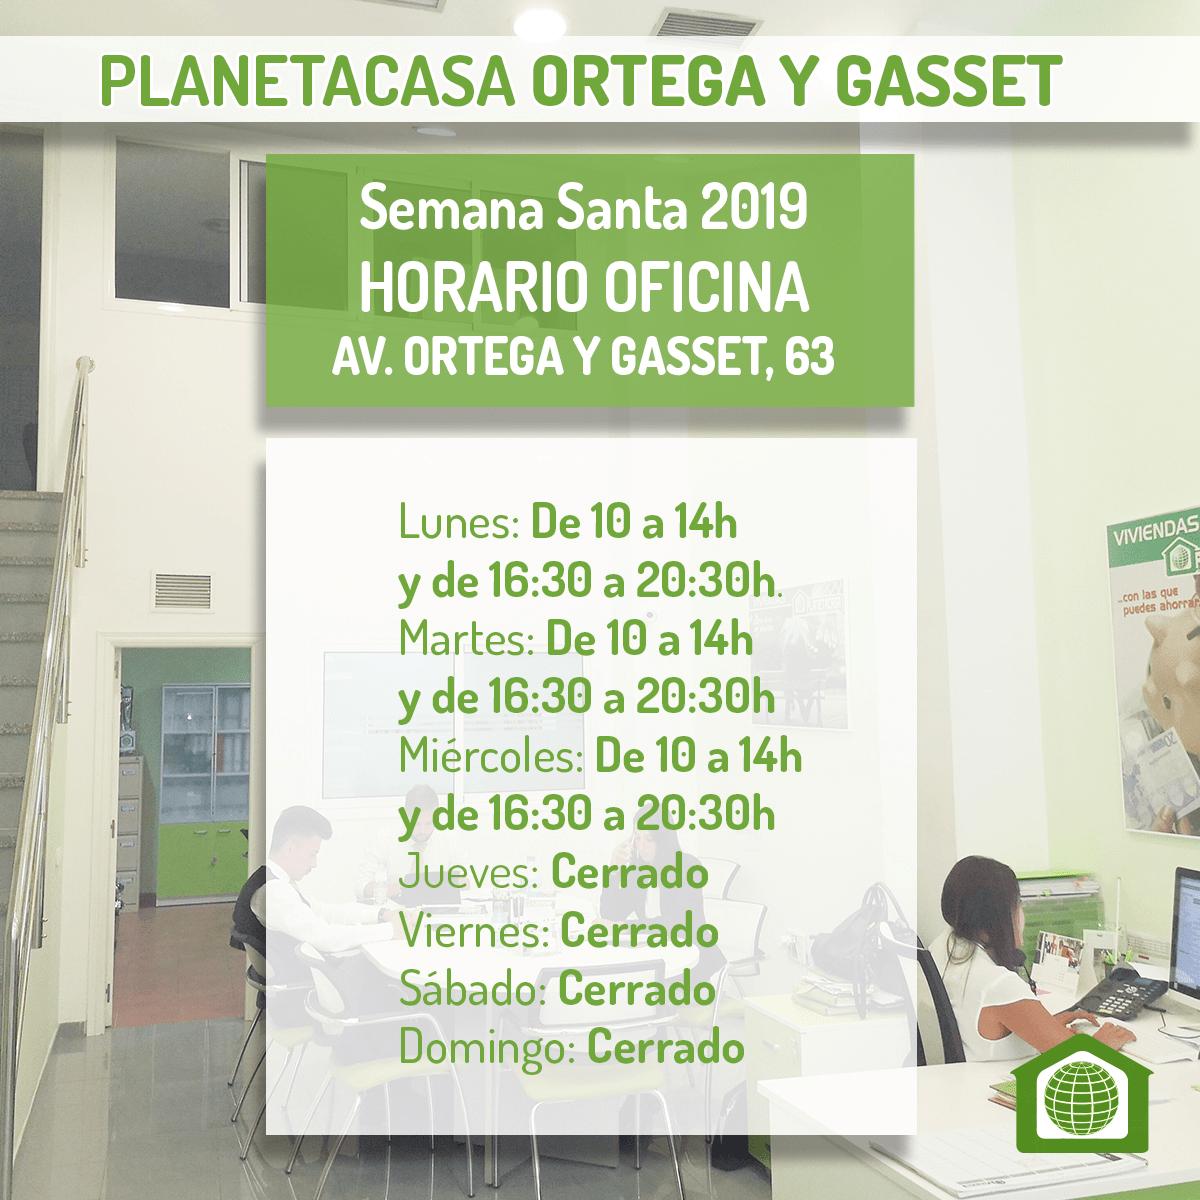 Horario oficina planetacasa Ortega y Gasset Semana Santa 2019